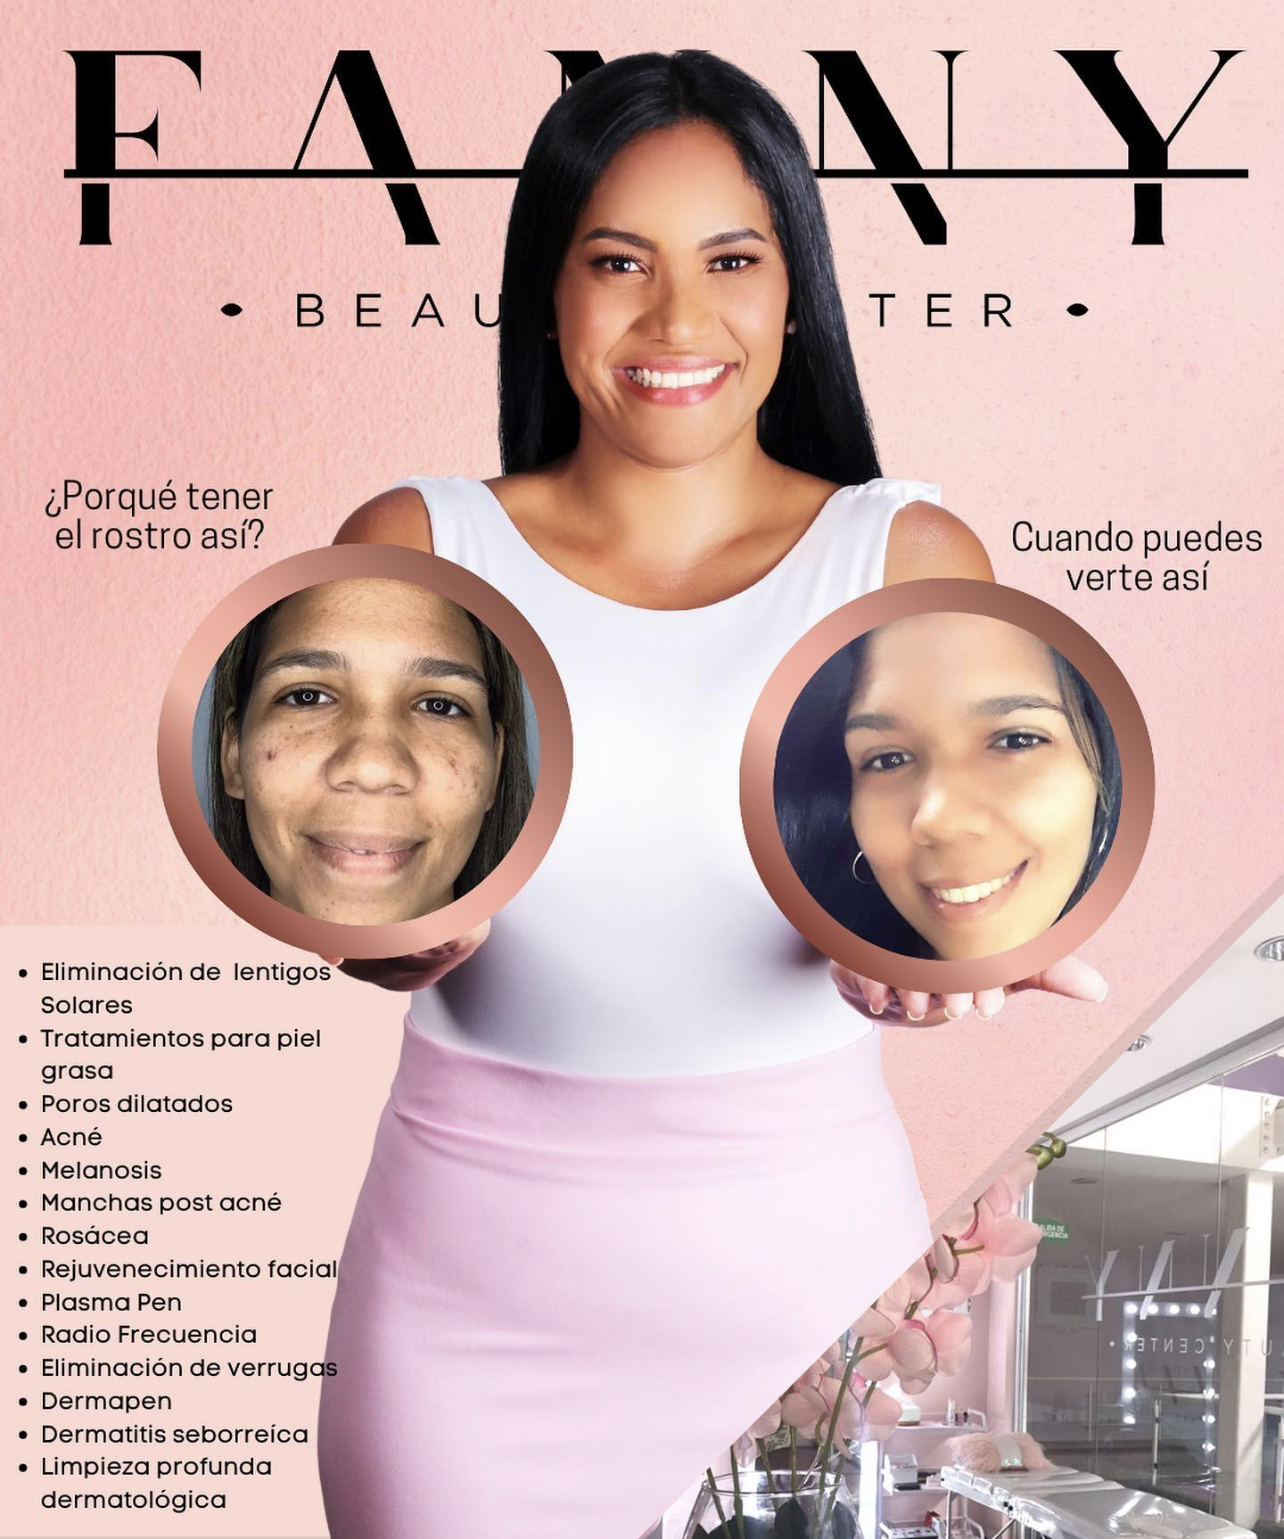 Fanny beuty center